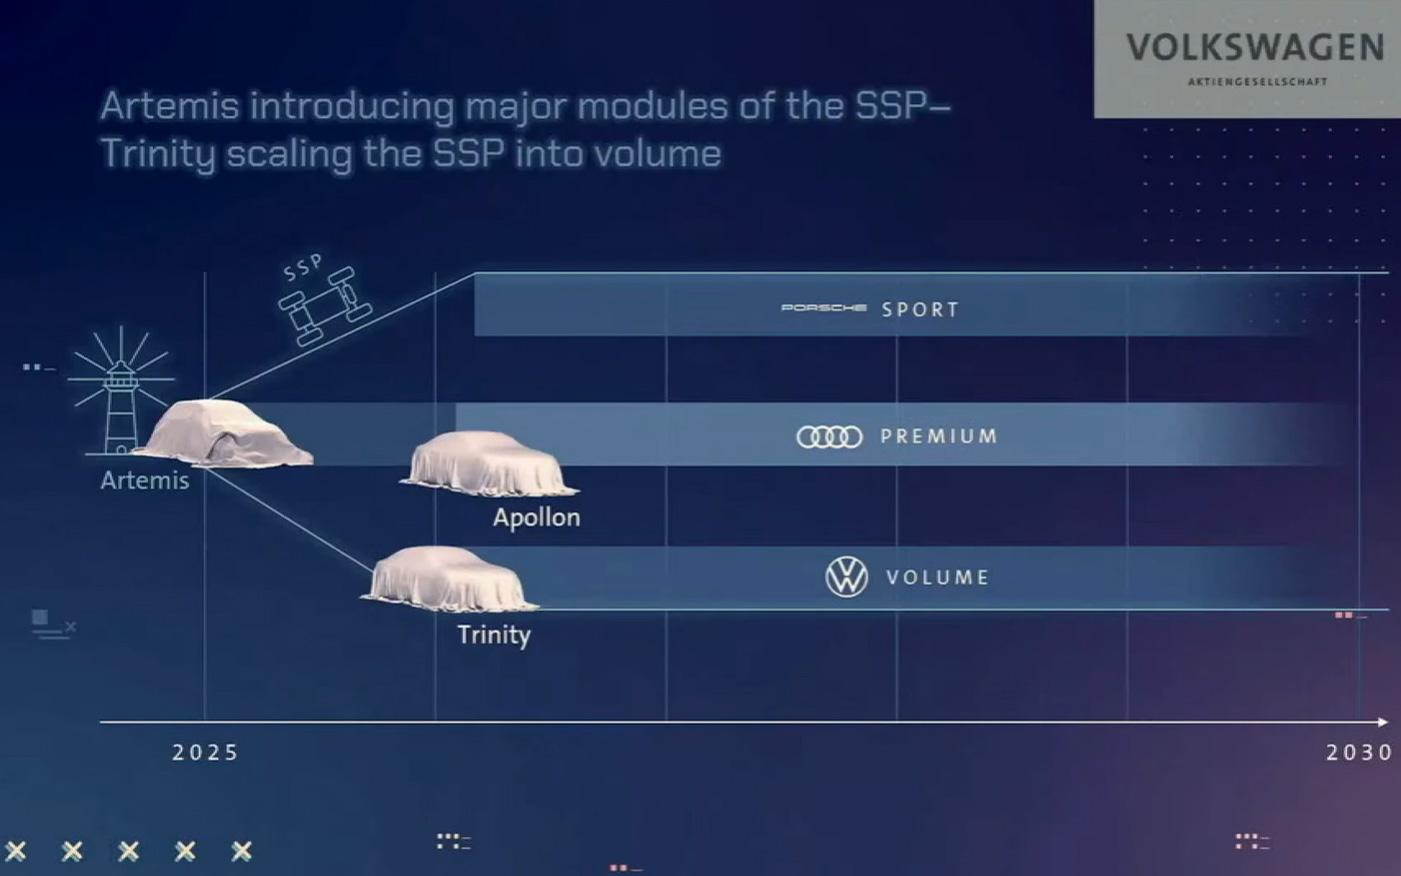 SSPの導入計画、Artemis、Trinity、Apollonなどのコードネームの製品が計画されている